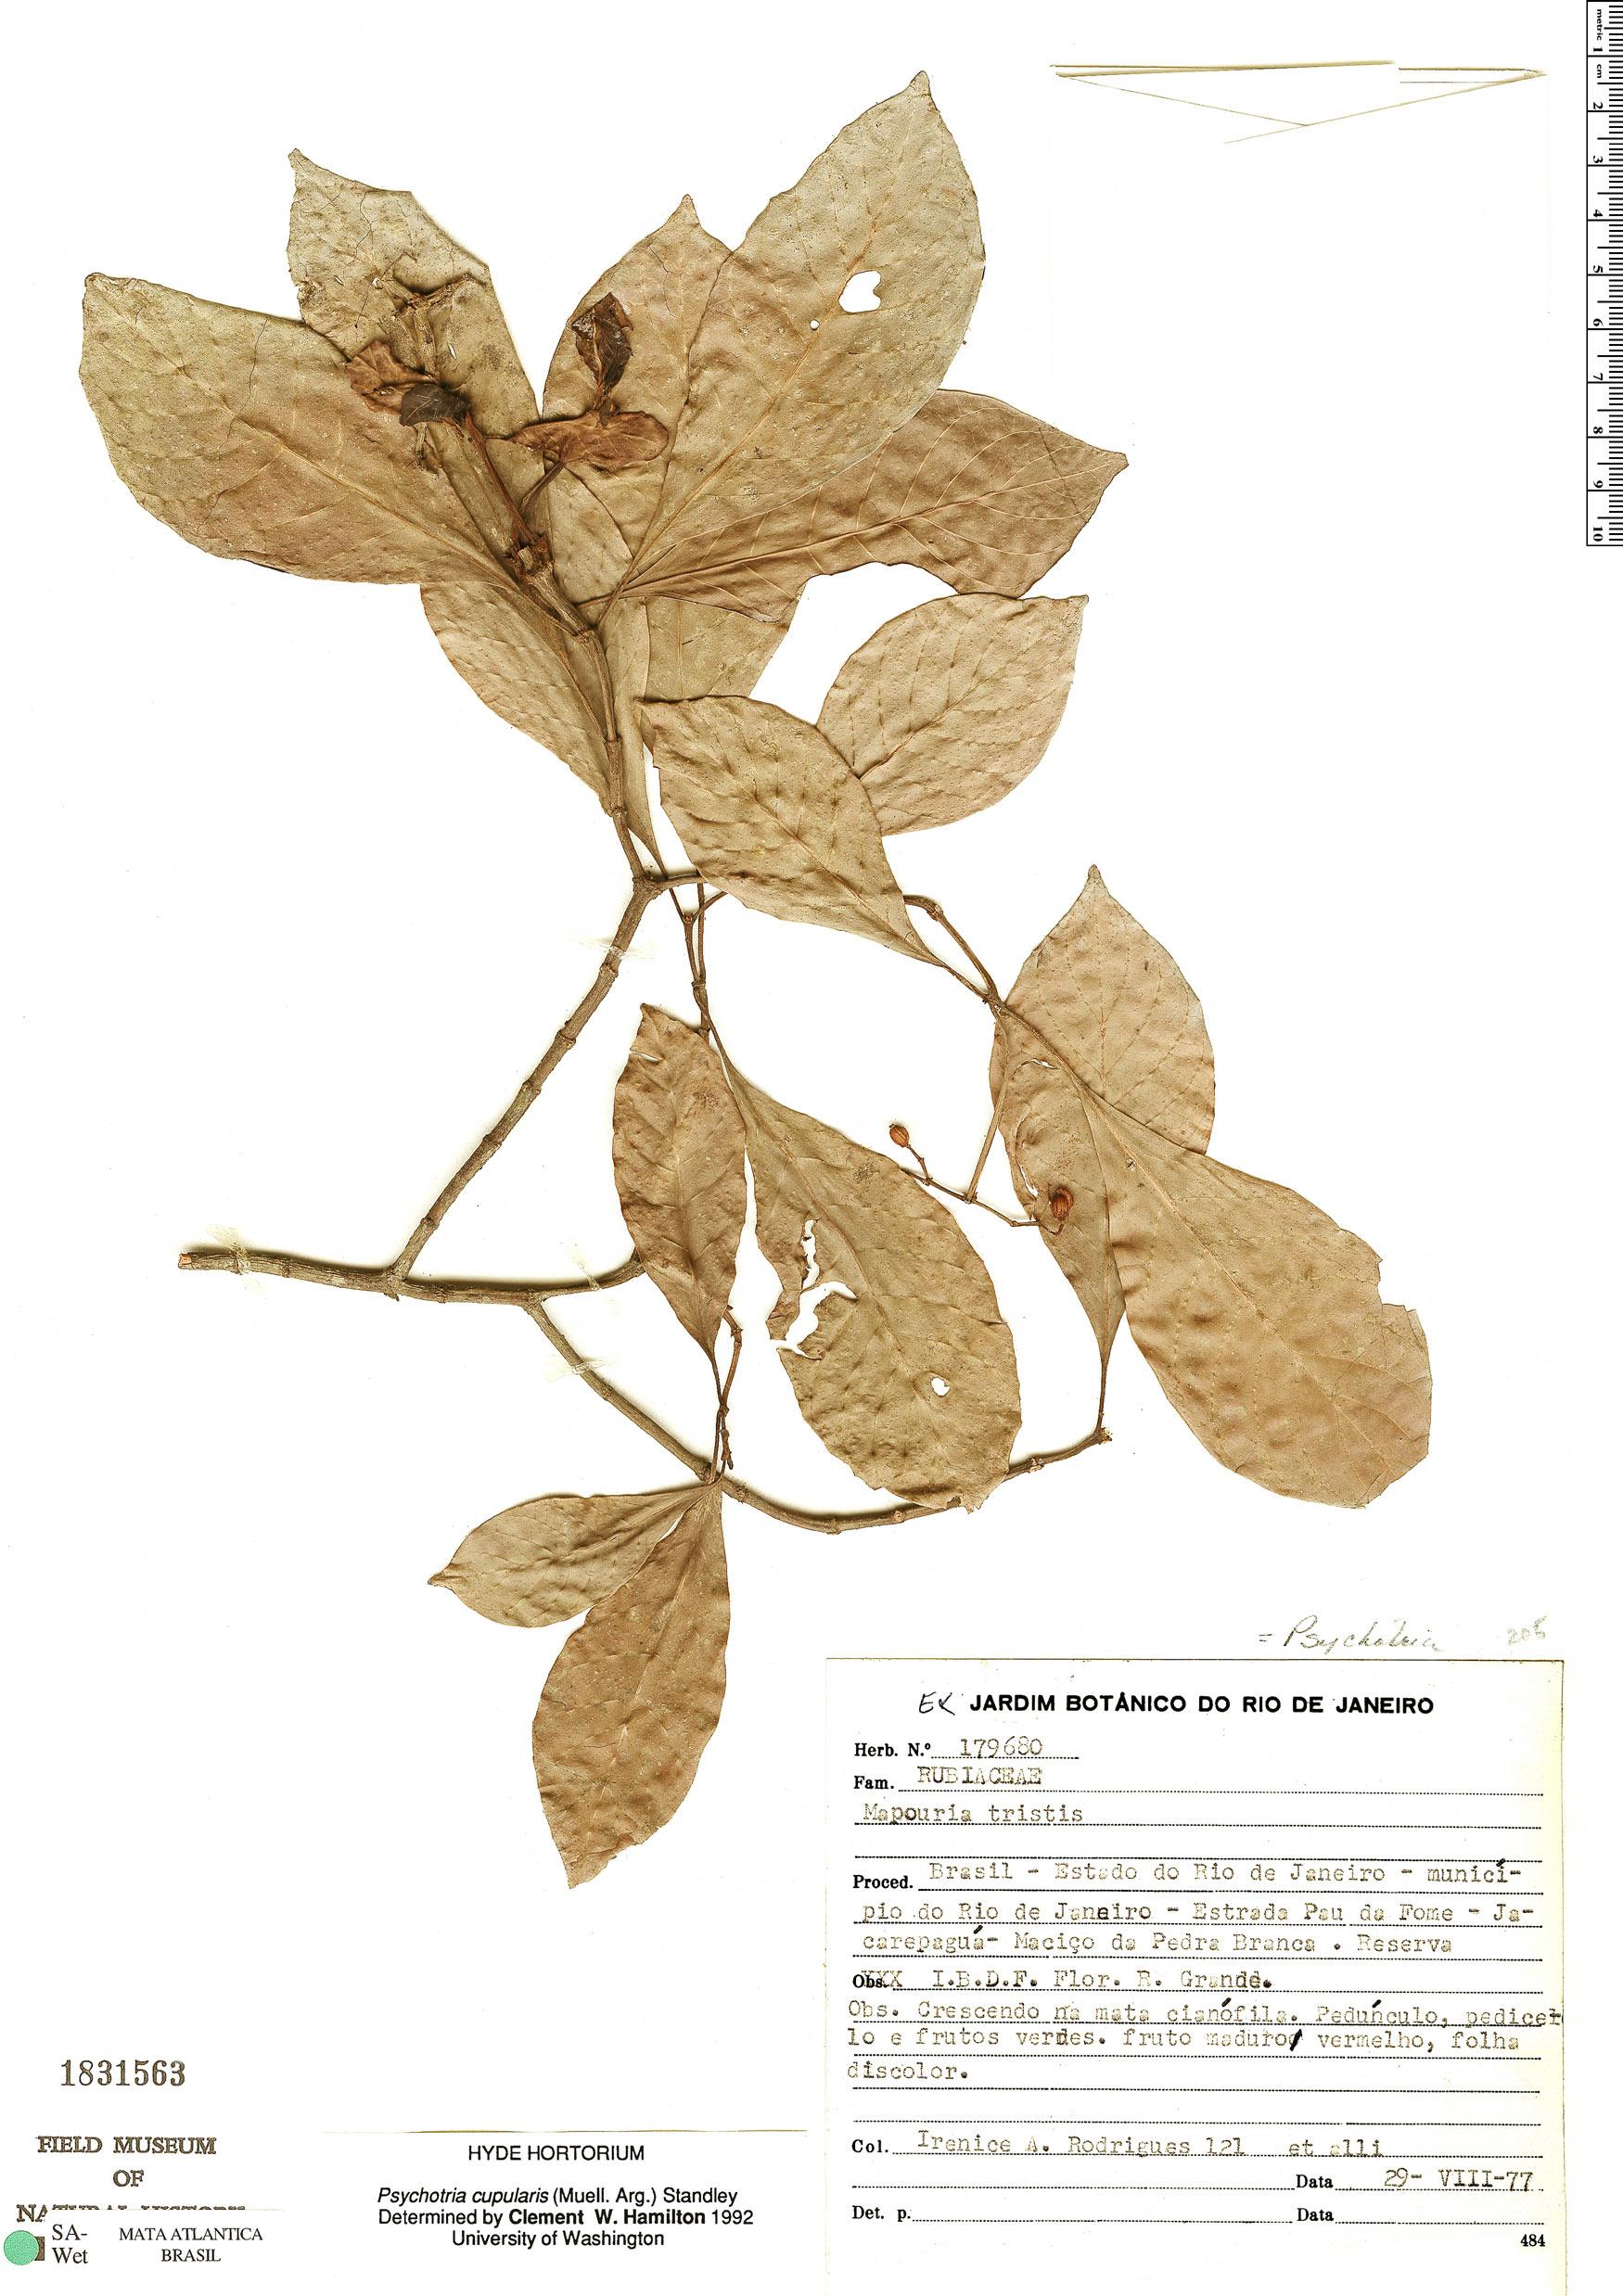 Espécimen: Psychotria cupularis